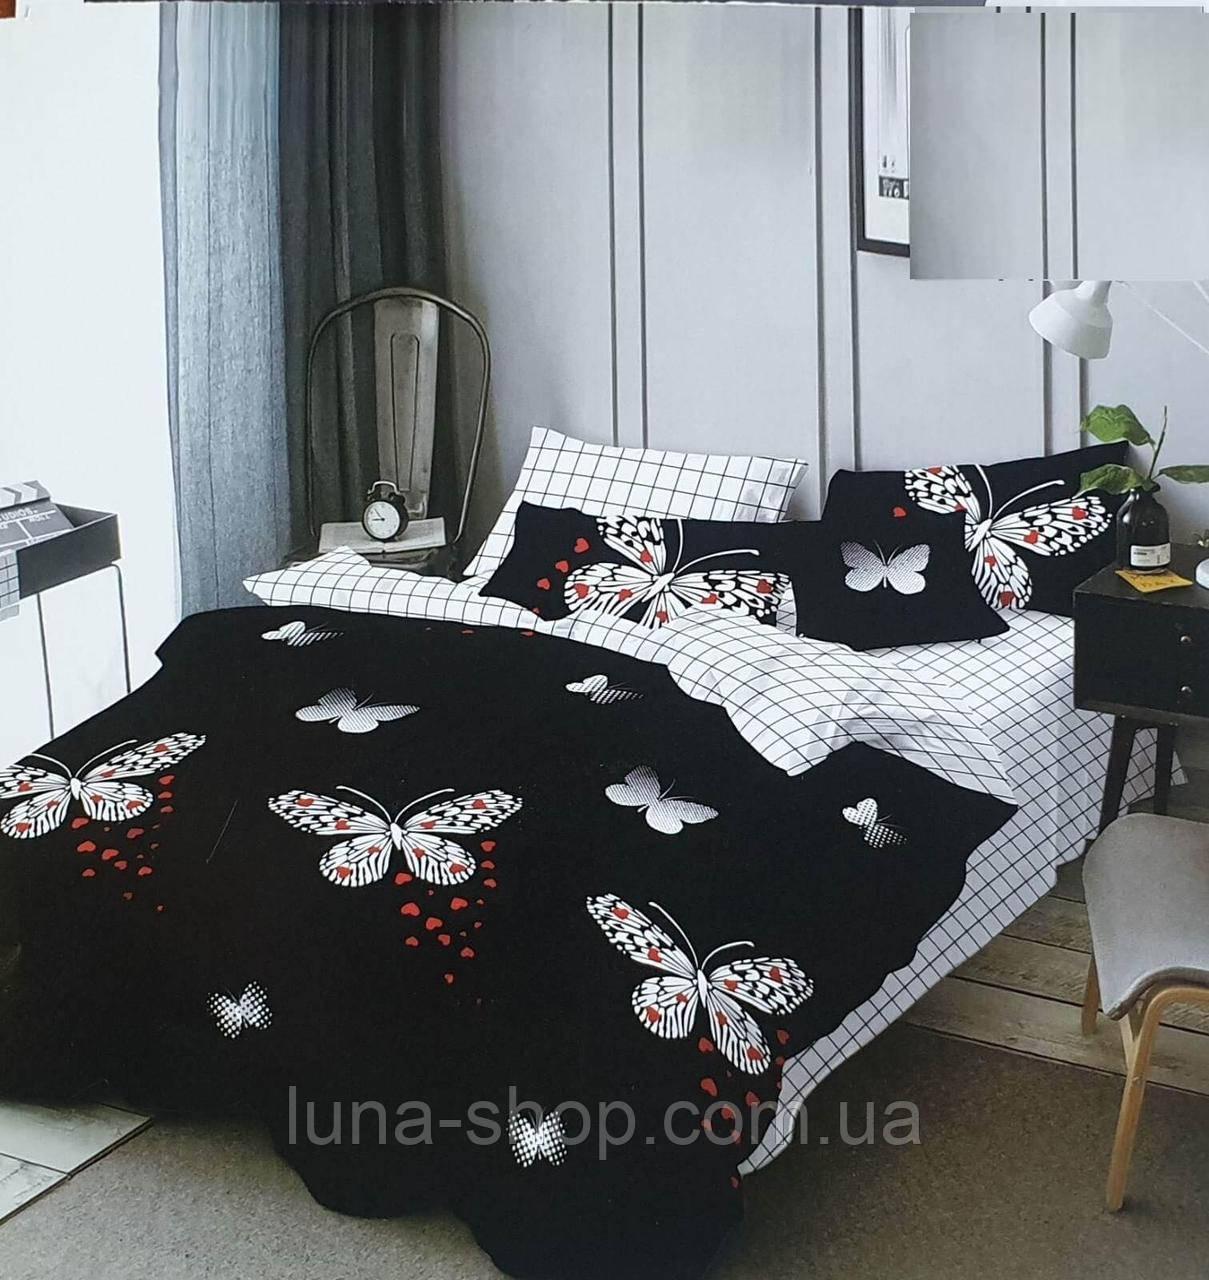 Постельный комплект Бабочки на черном (бязь)